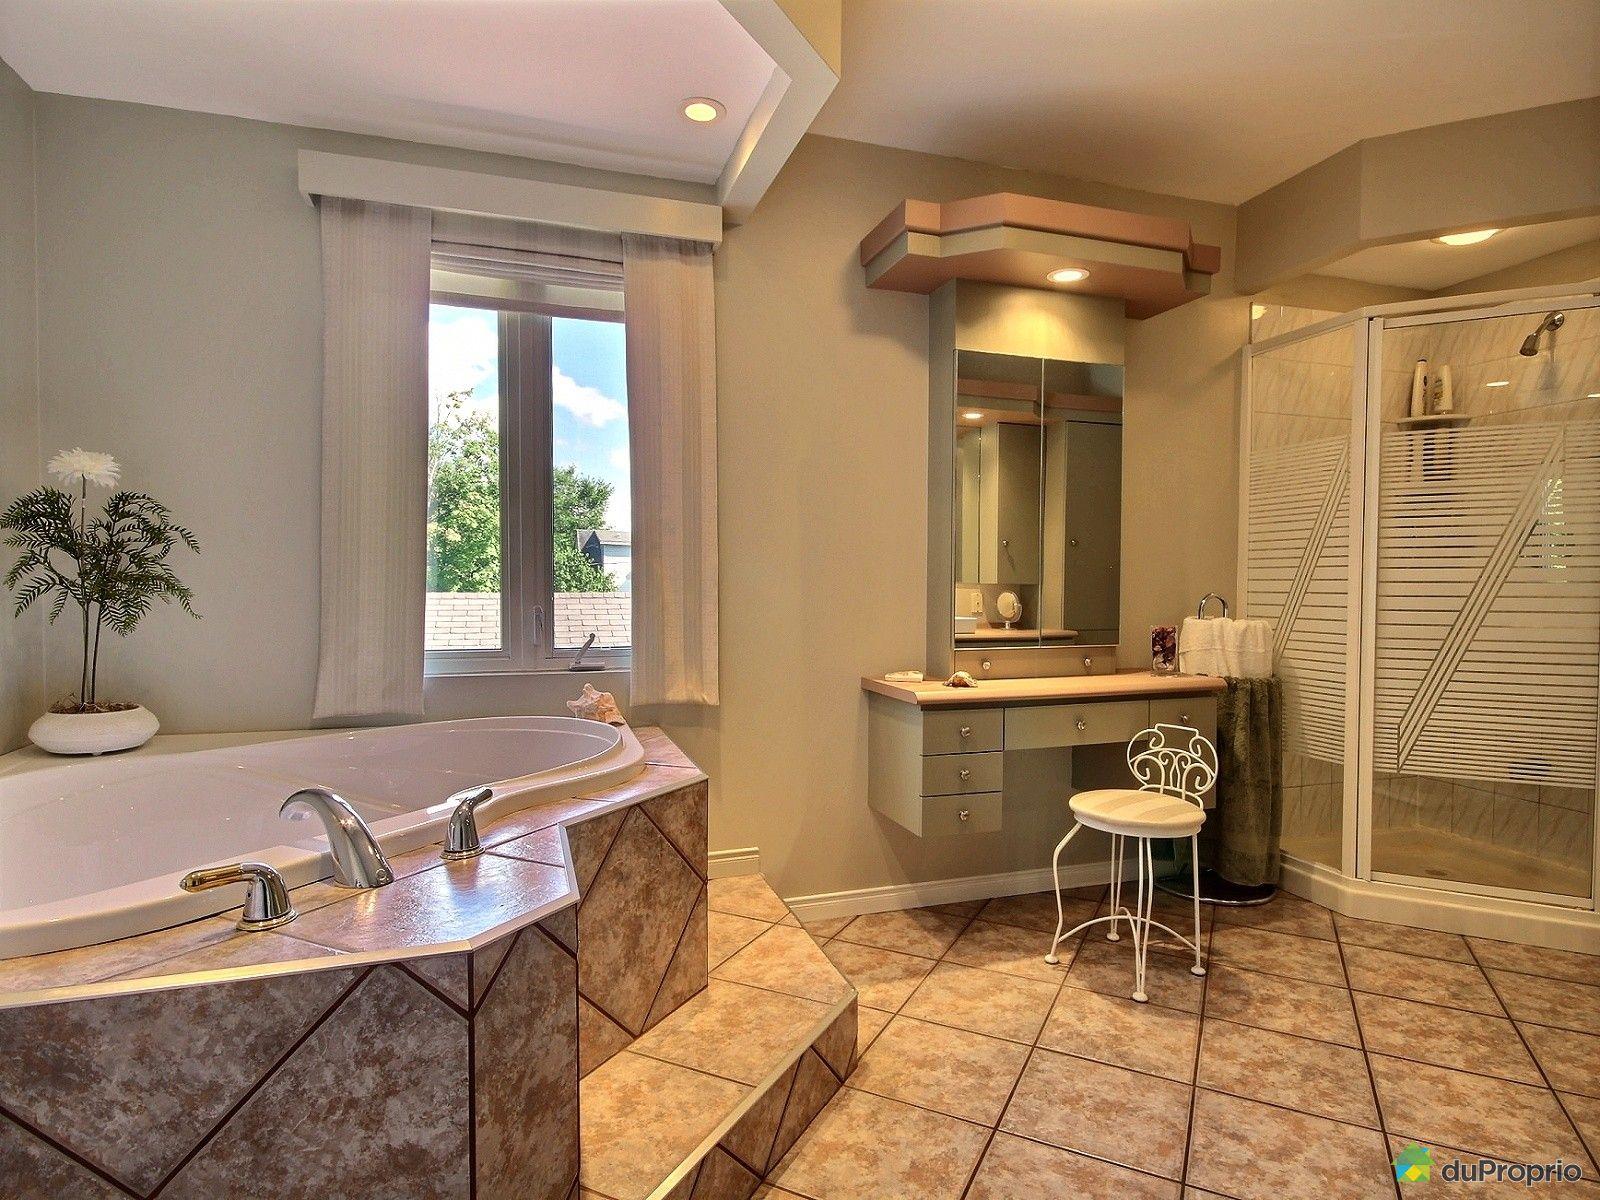 salle de bain ancienne vendre panneau salle de bain. Black Bedroom Furniture Sets. Home Design Ideas